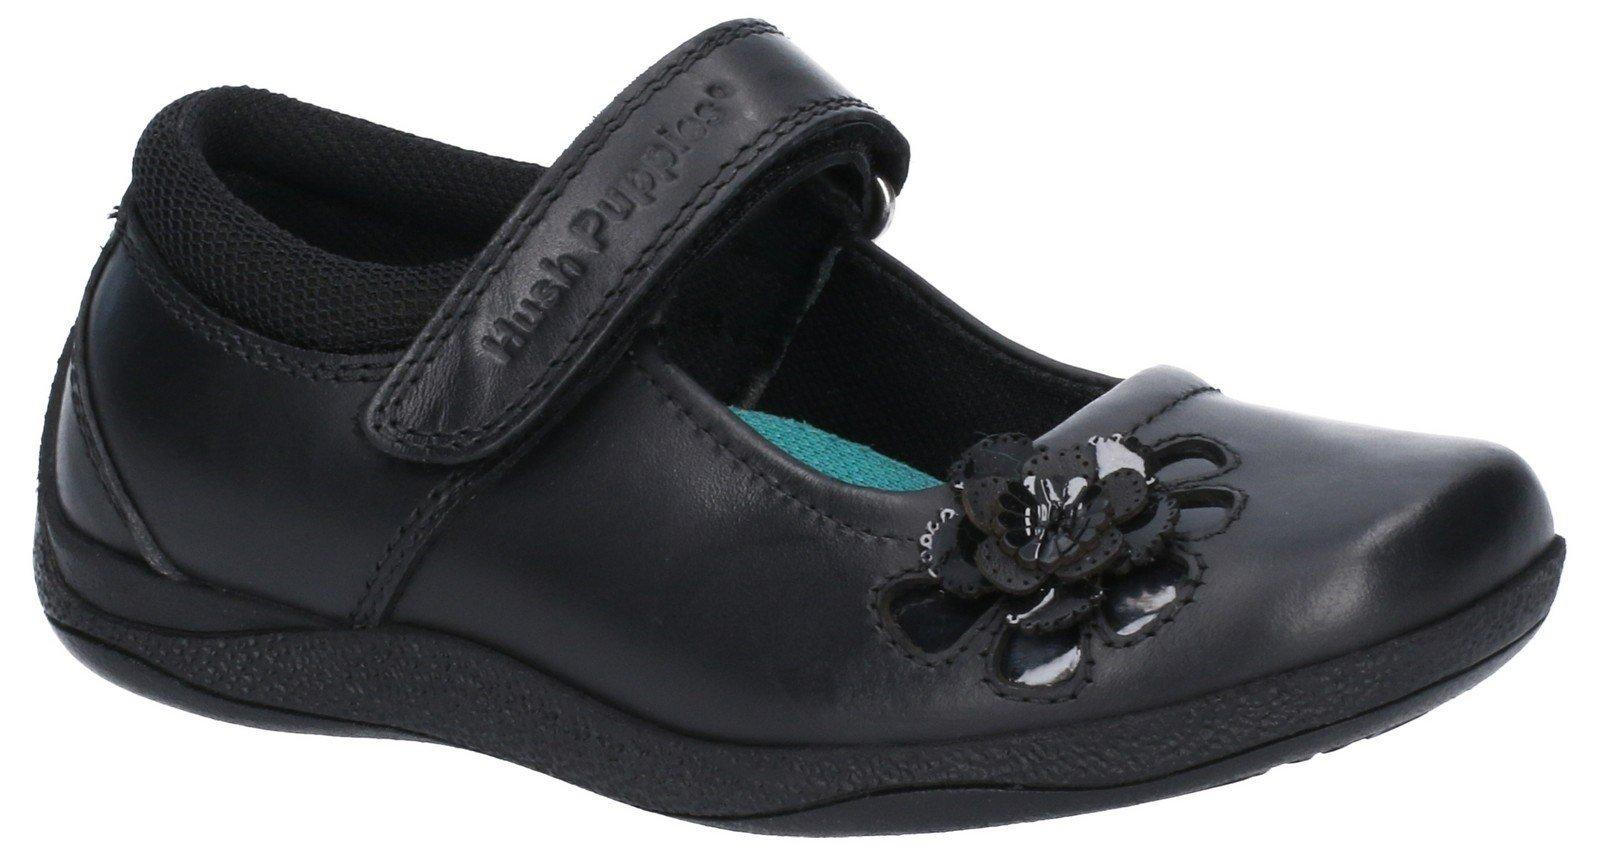 Hush Puppies Women's Jessica Jnr Touch School Shoe Various Colours 28981 - Black 10